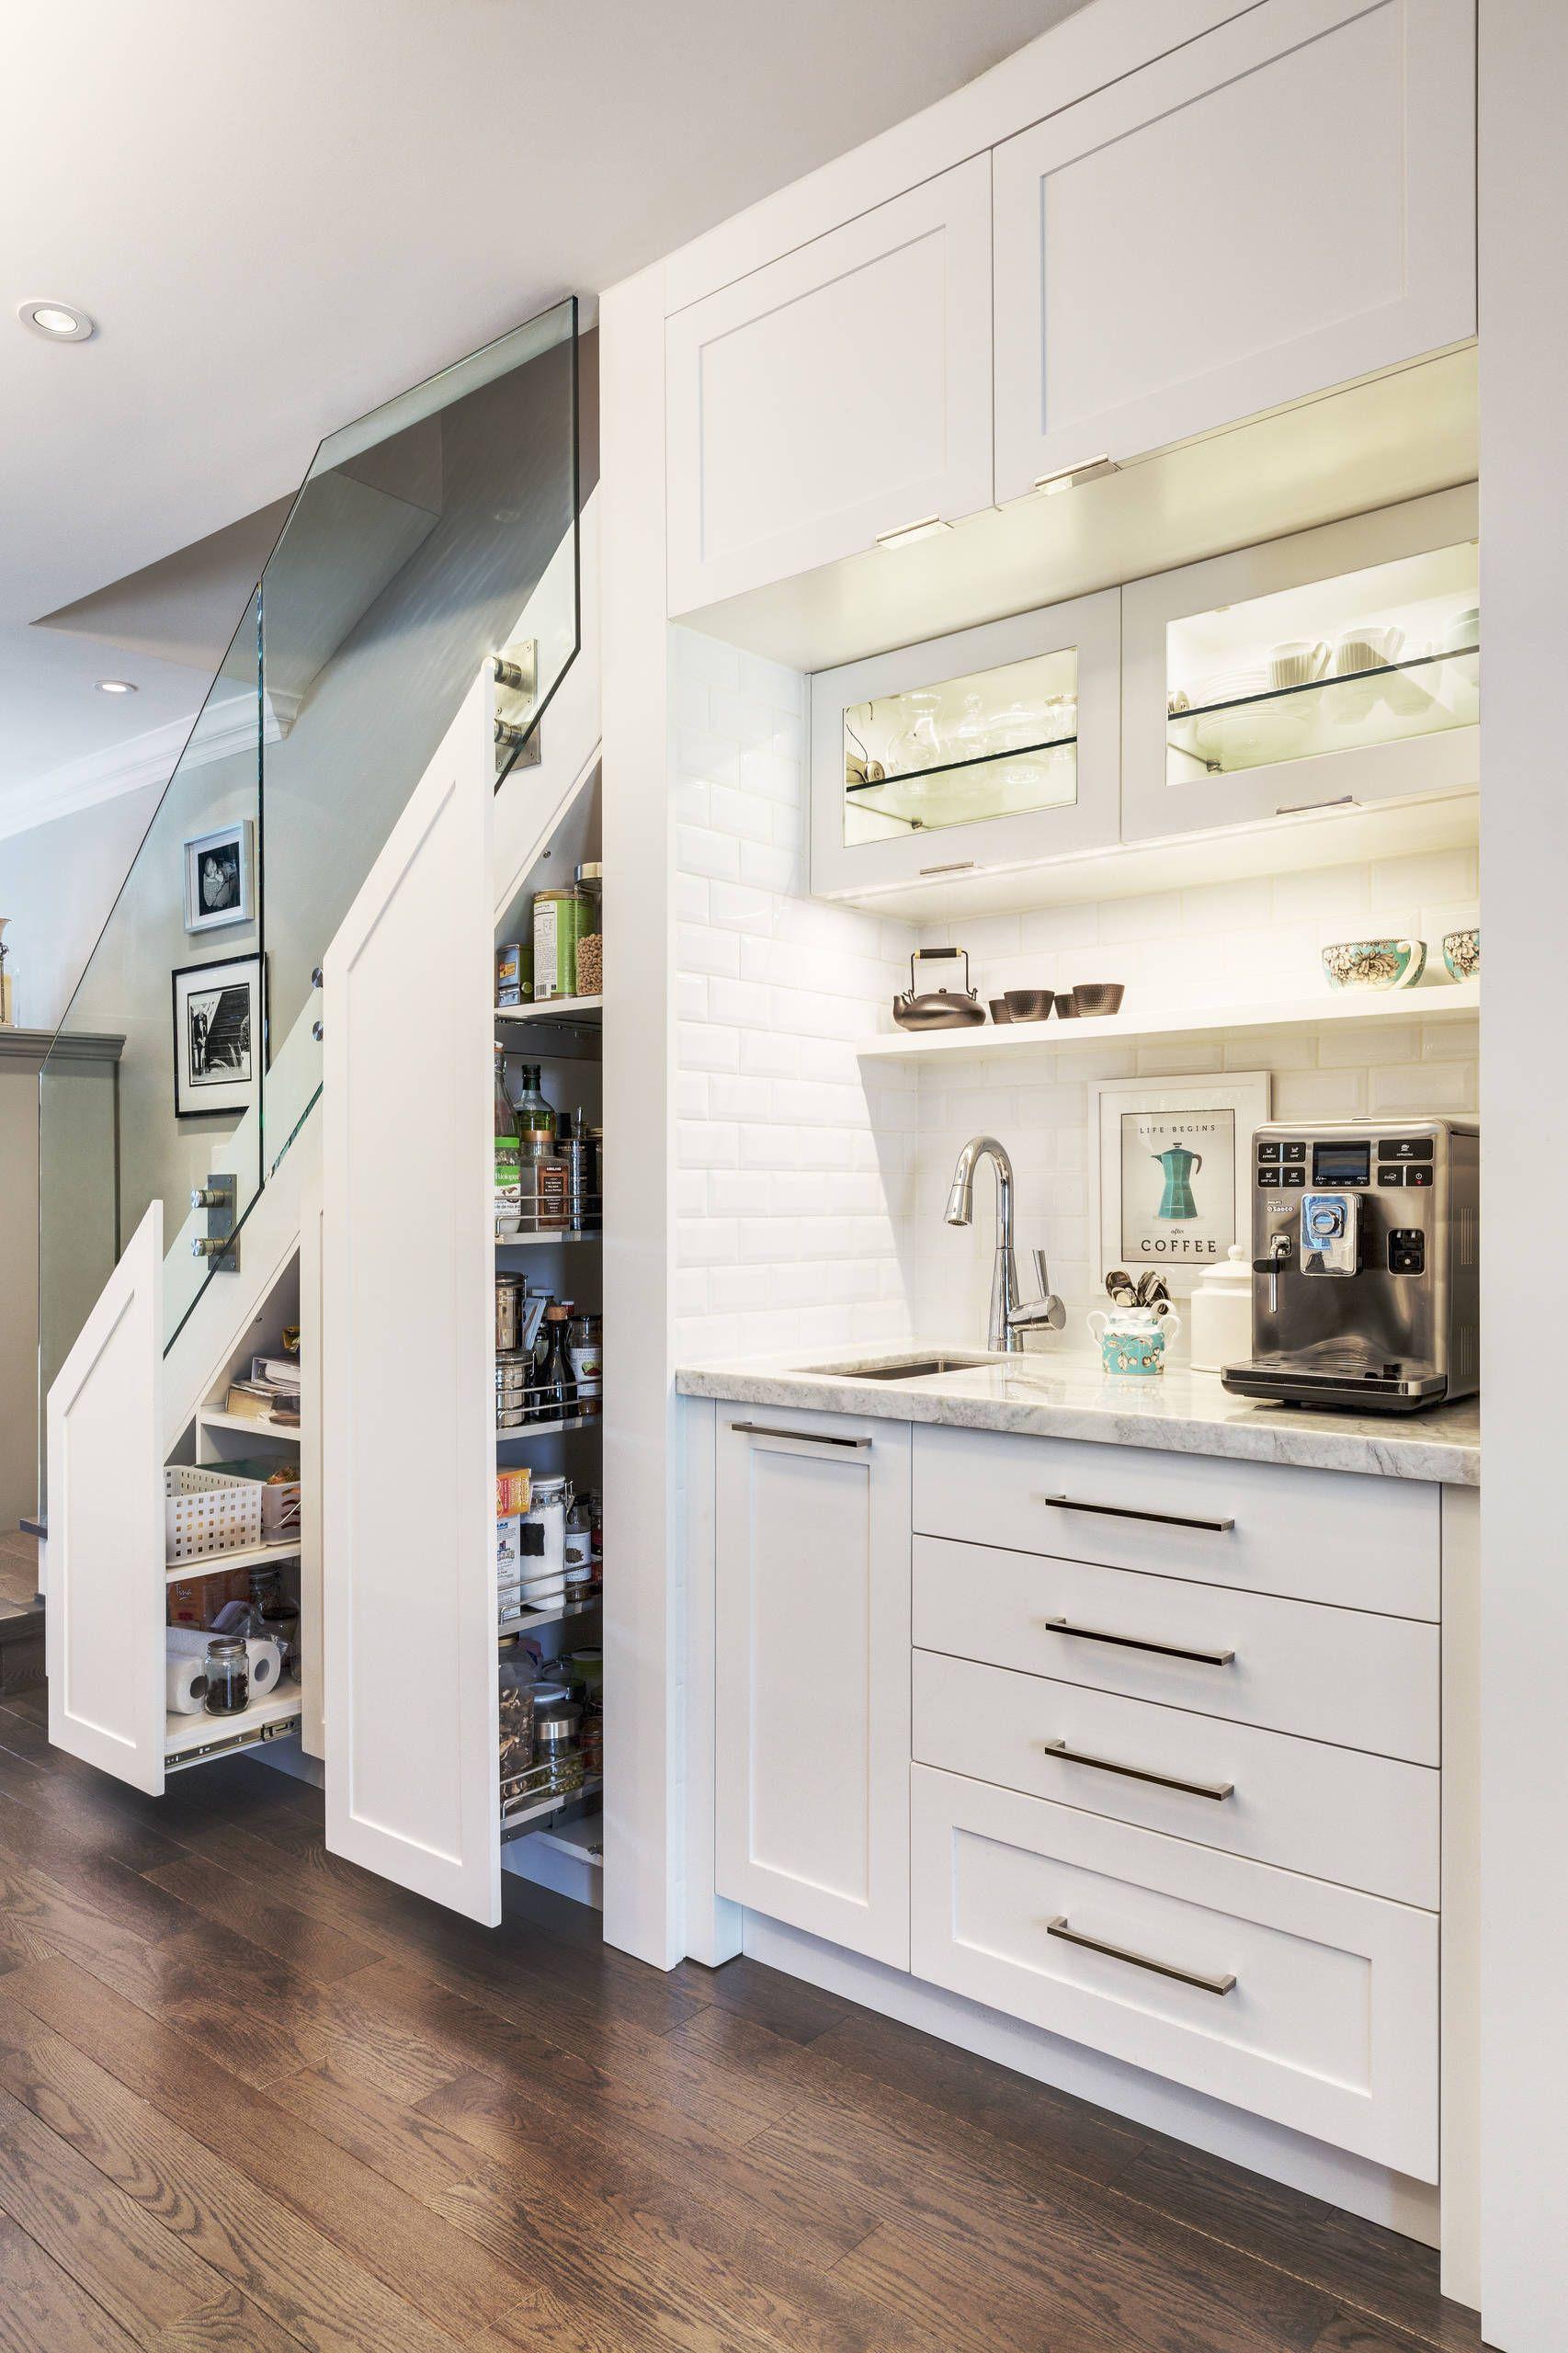 41 Small Kitchen Designs And Ideas Kitchen Under Stairs Stairs In Kitchen Kitchen Design Small